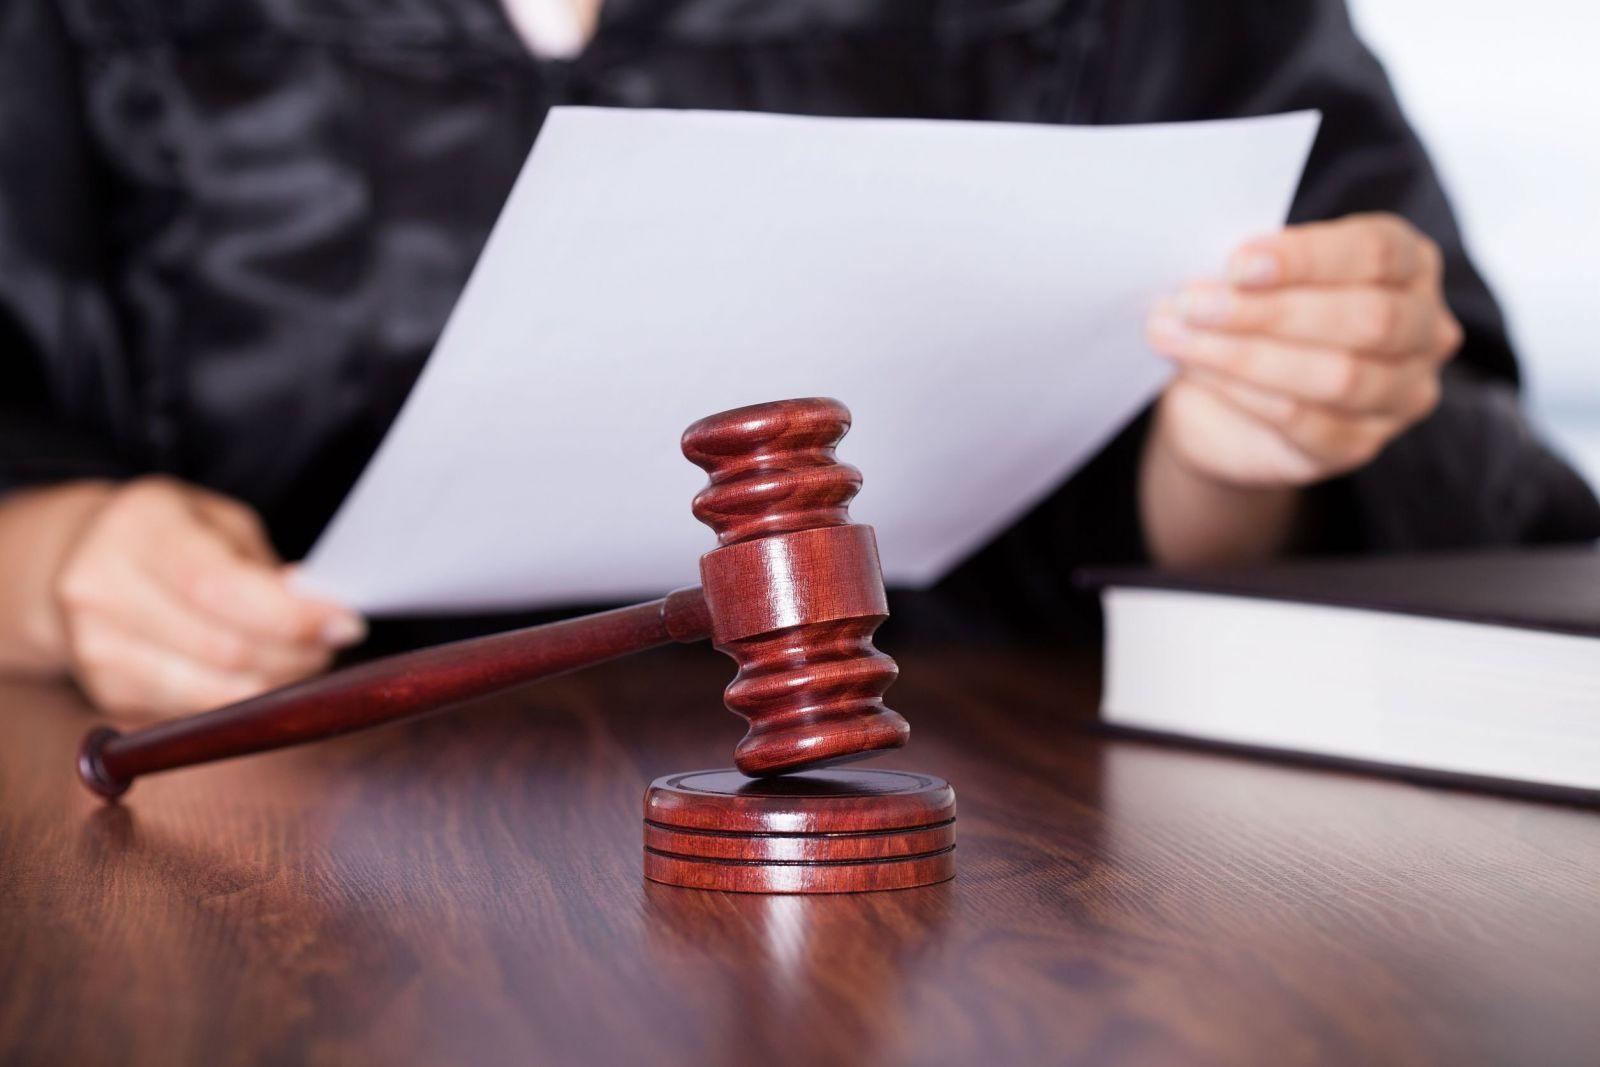 Гласность, открытость СМИ категорически нельзя использовать для давления на суд – Токаев